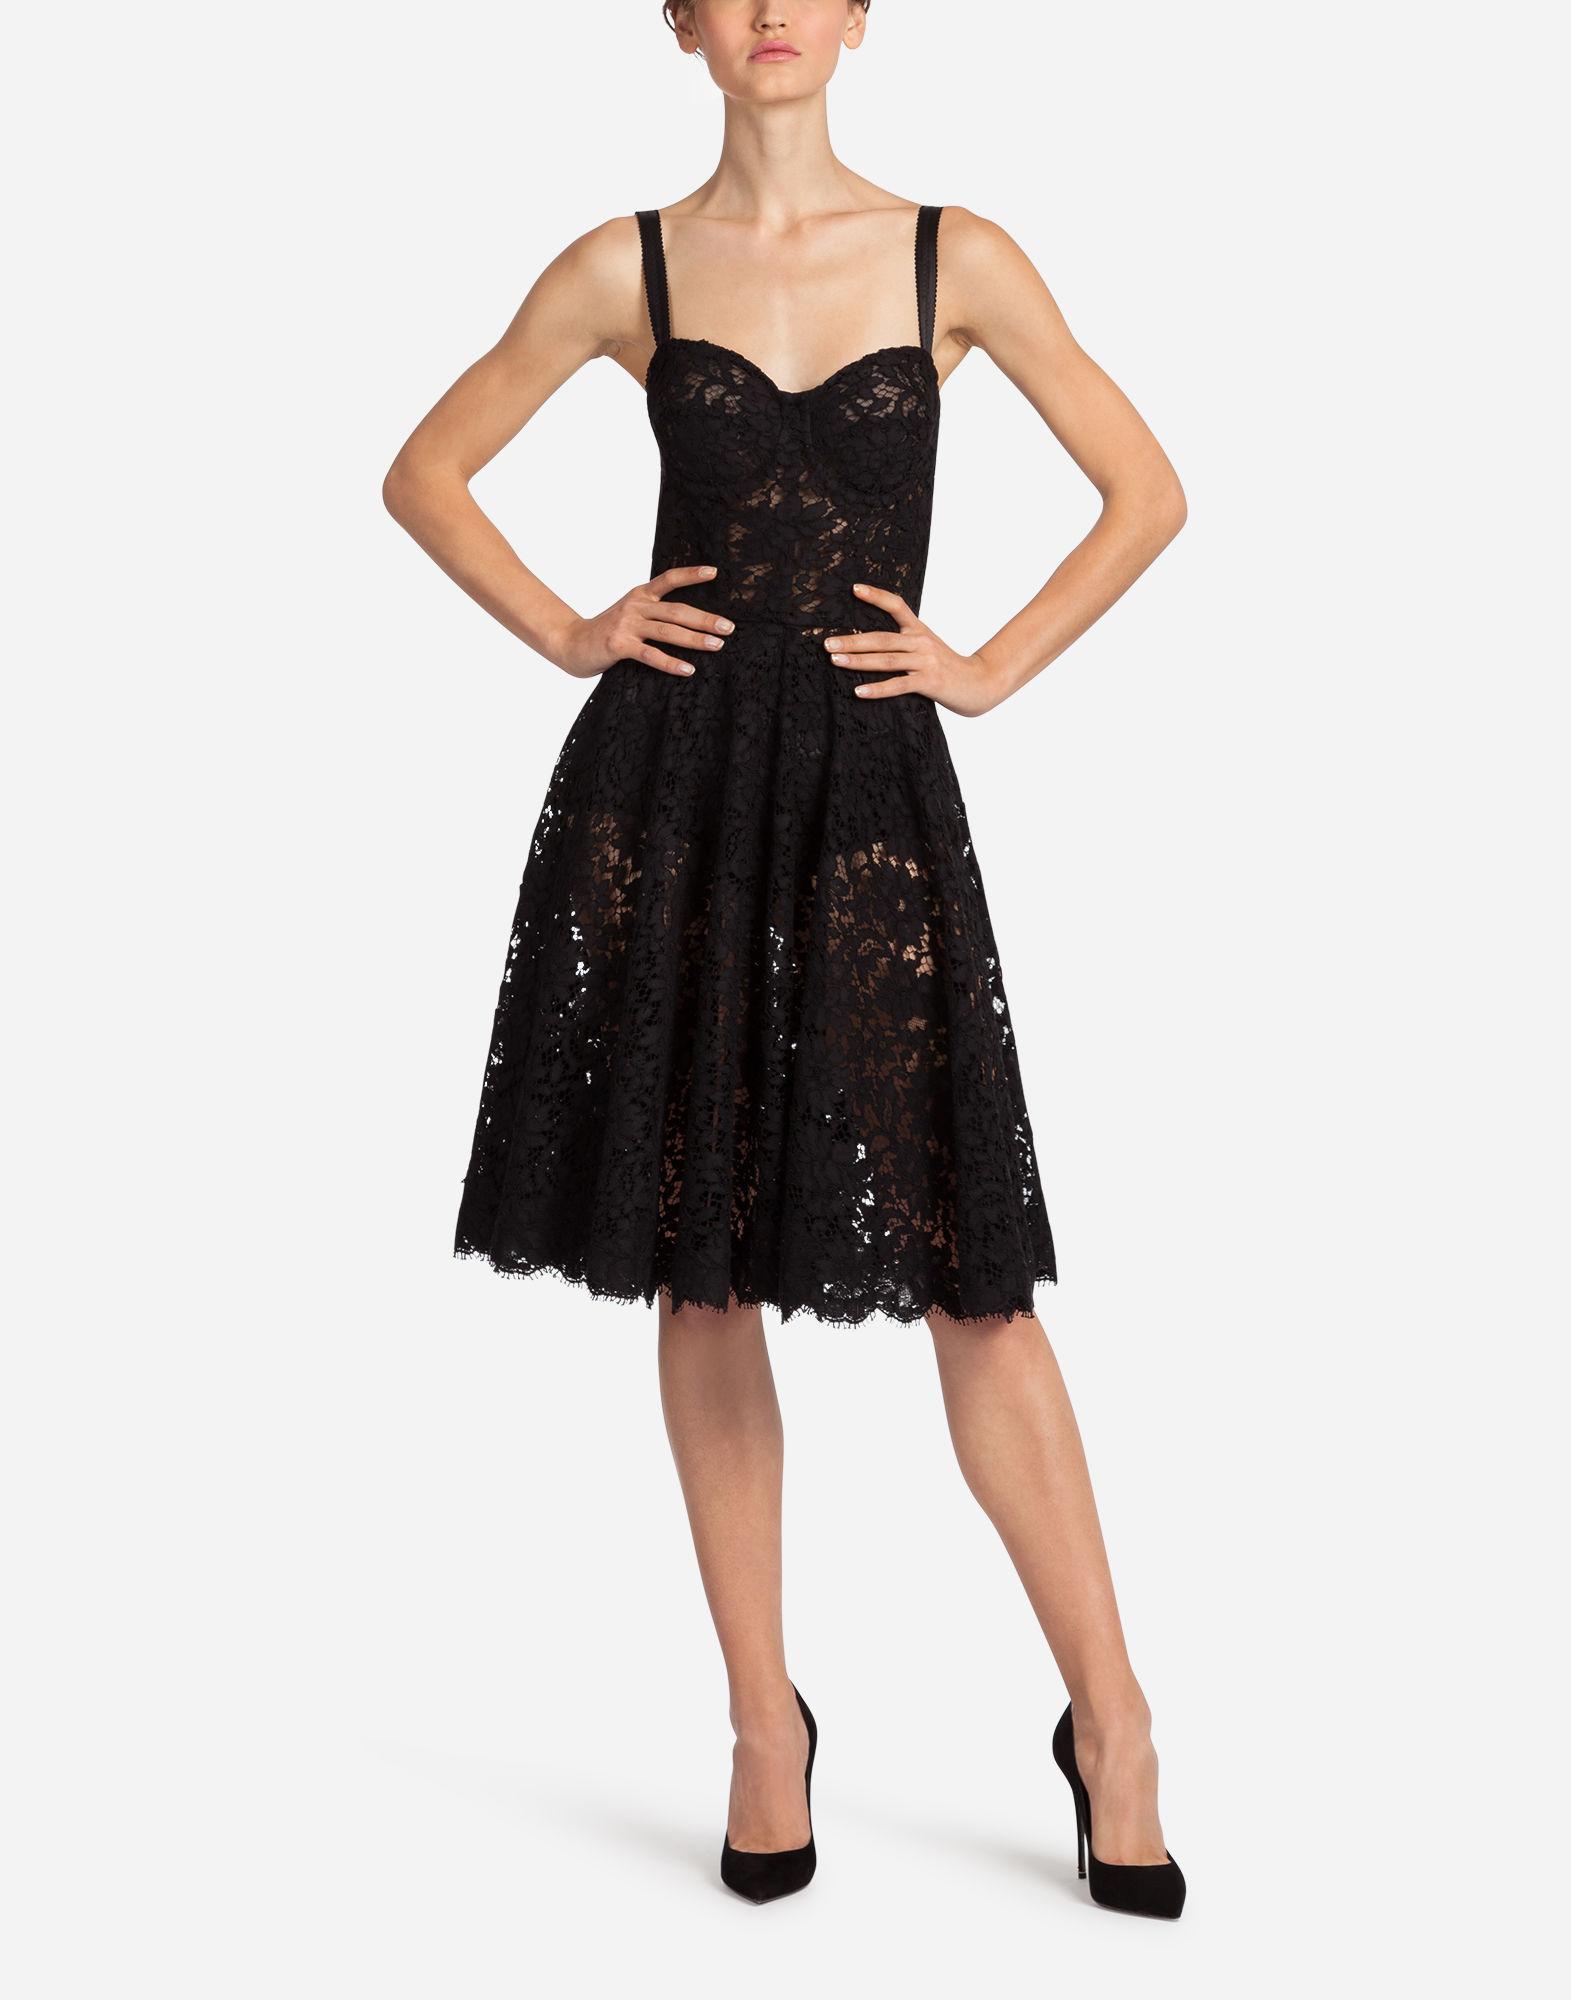 Abito nero in pizzo Dolce & Gabbana outfit donna san valentino